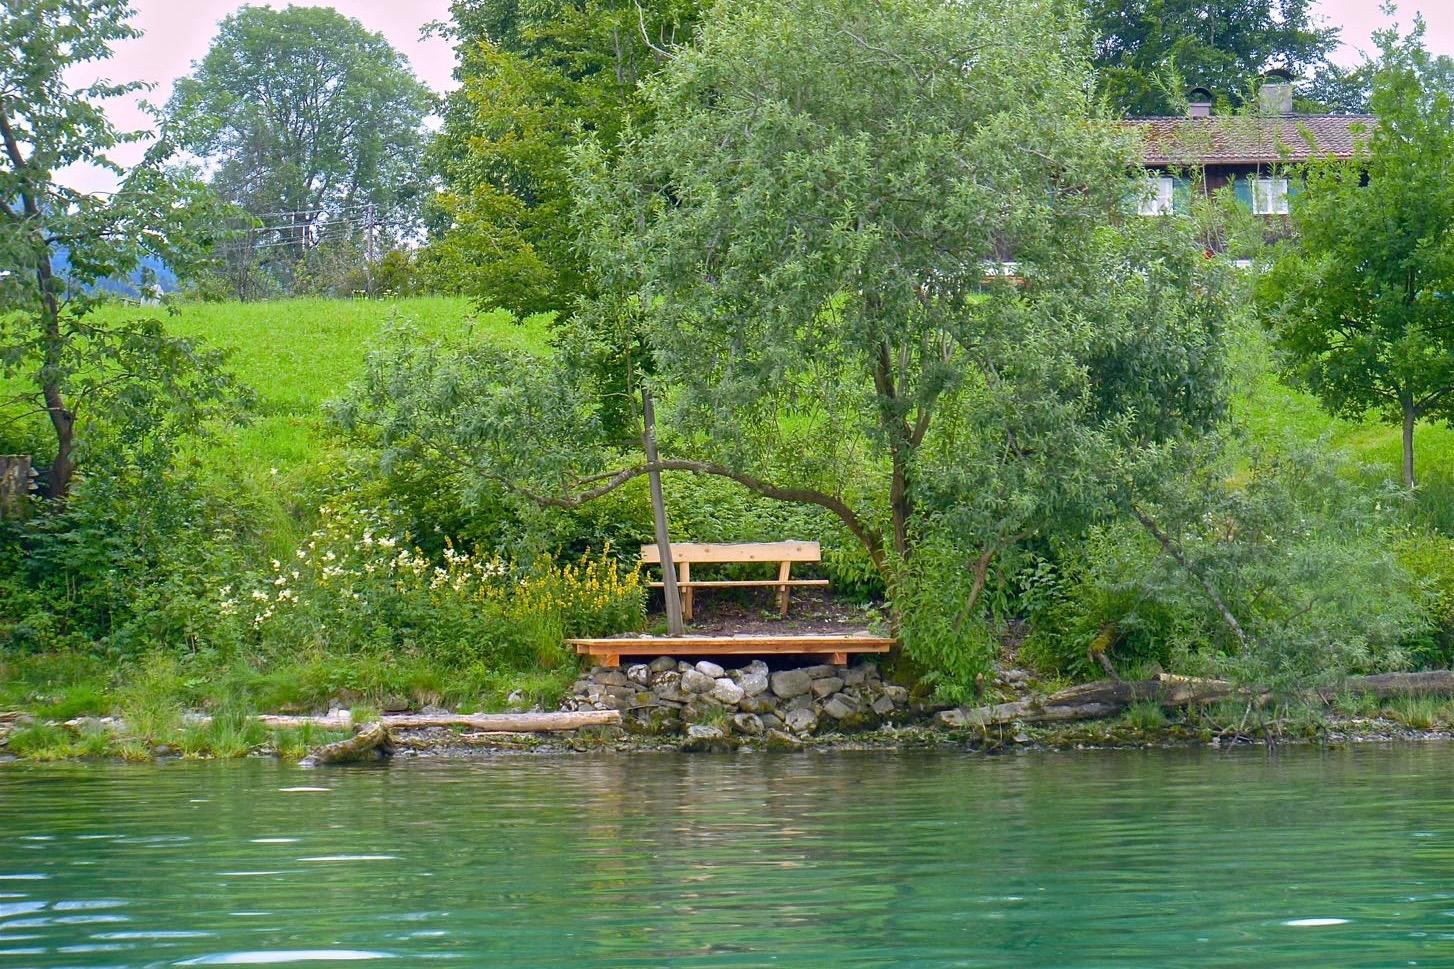 Zuhäusl am Tegernsee 6 (Urlaub im Denkmal)